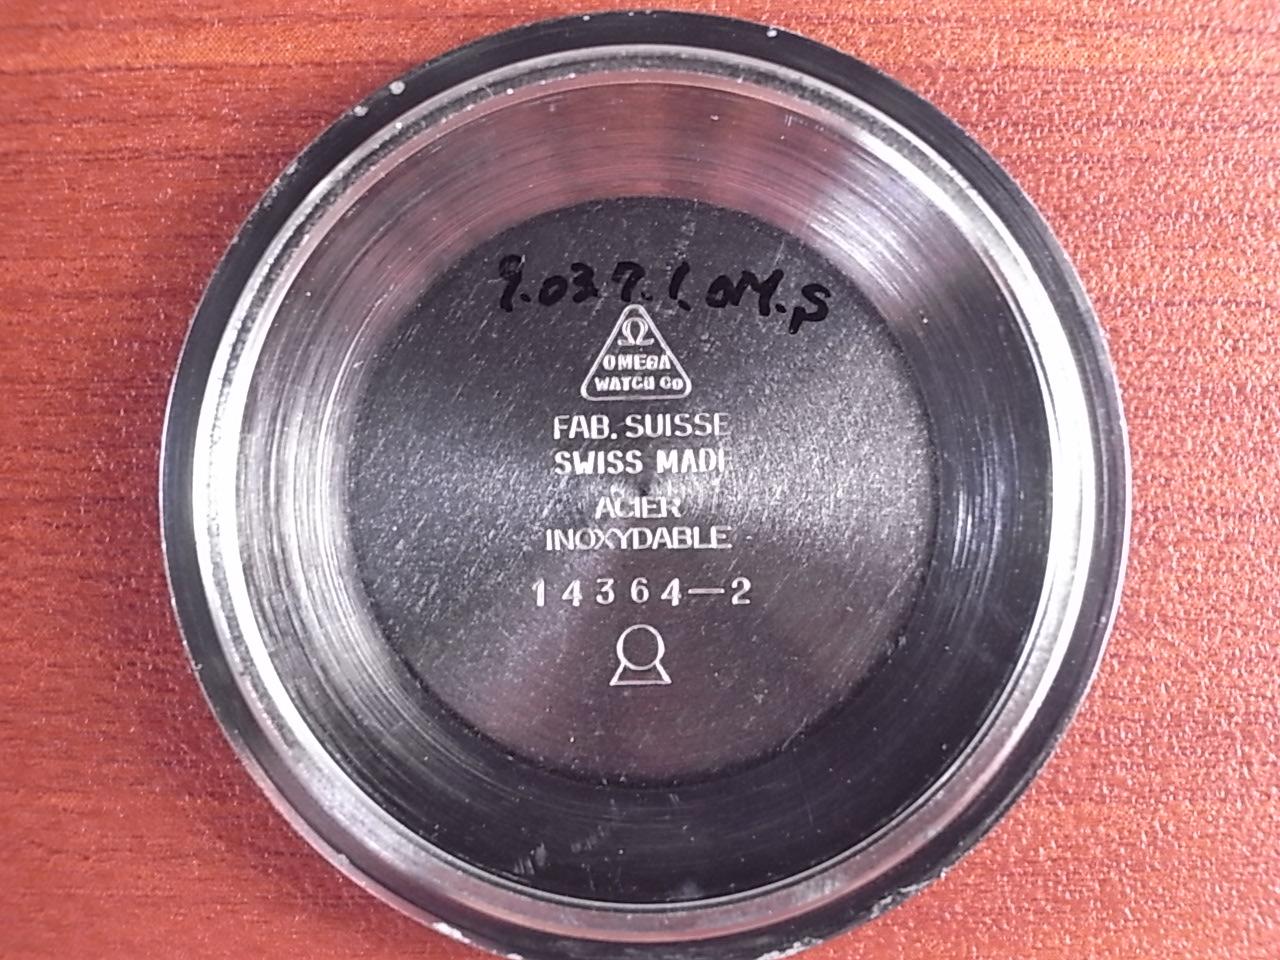 オメガ シーマスター クロノグラフ キャリバー321 1960年代の写真6枚目